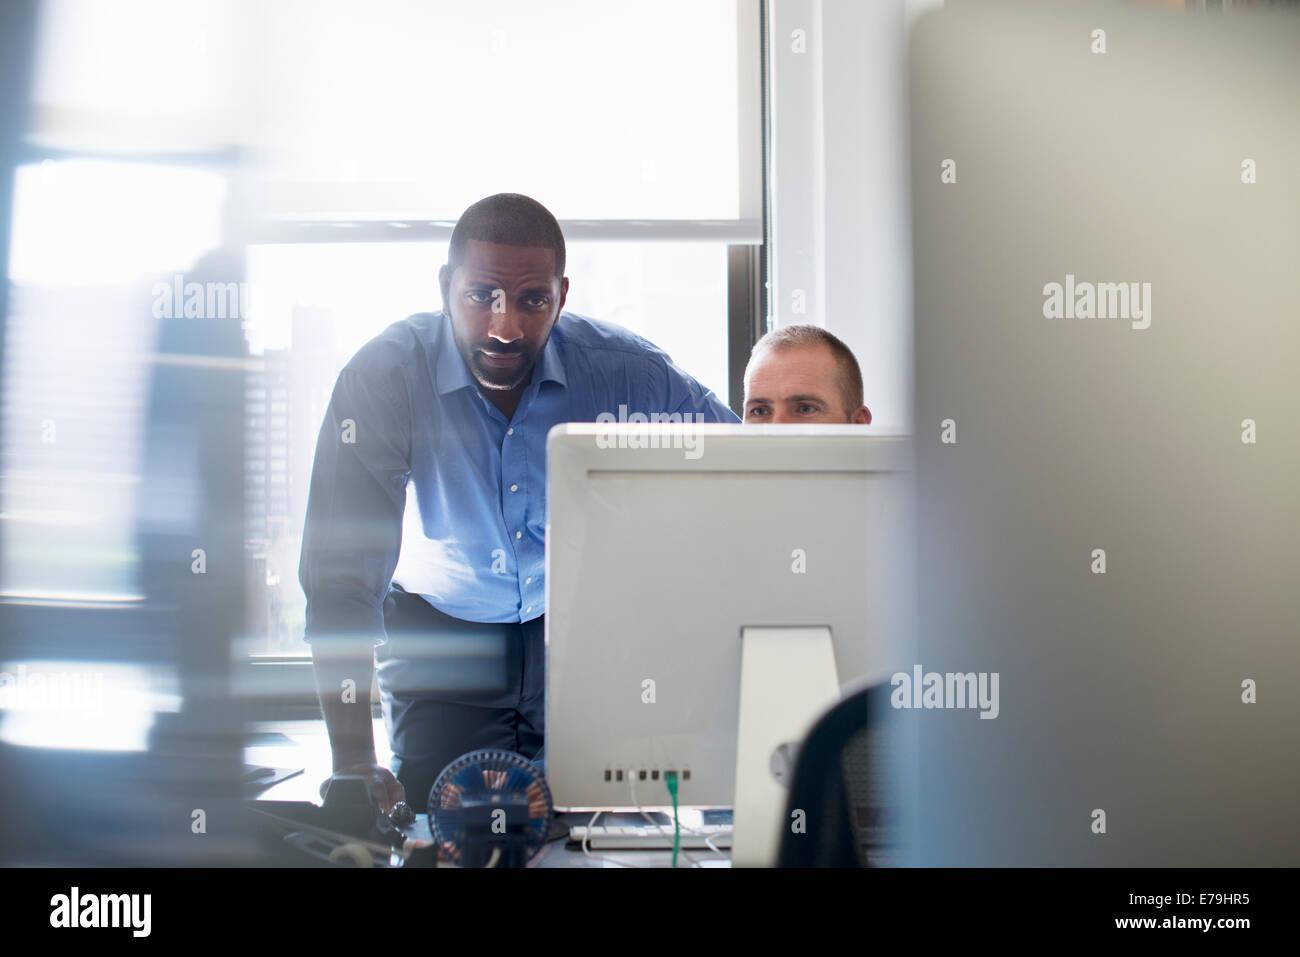 Zwei Männer in einem Büro arbeiten, beide mit Blick auf einem Computer-Monitor. Stockbild